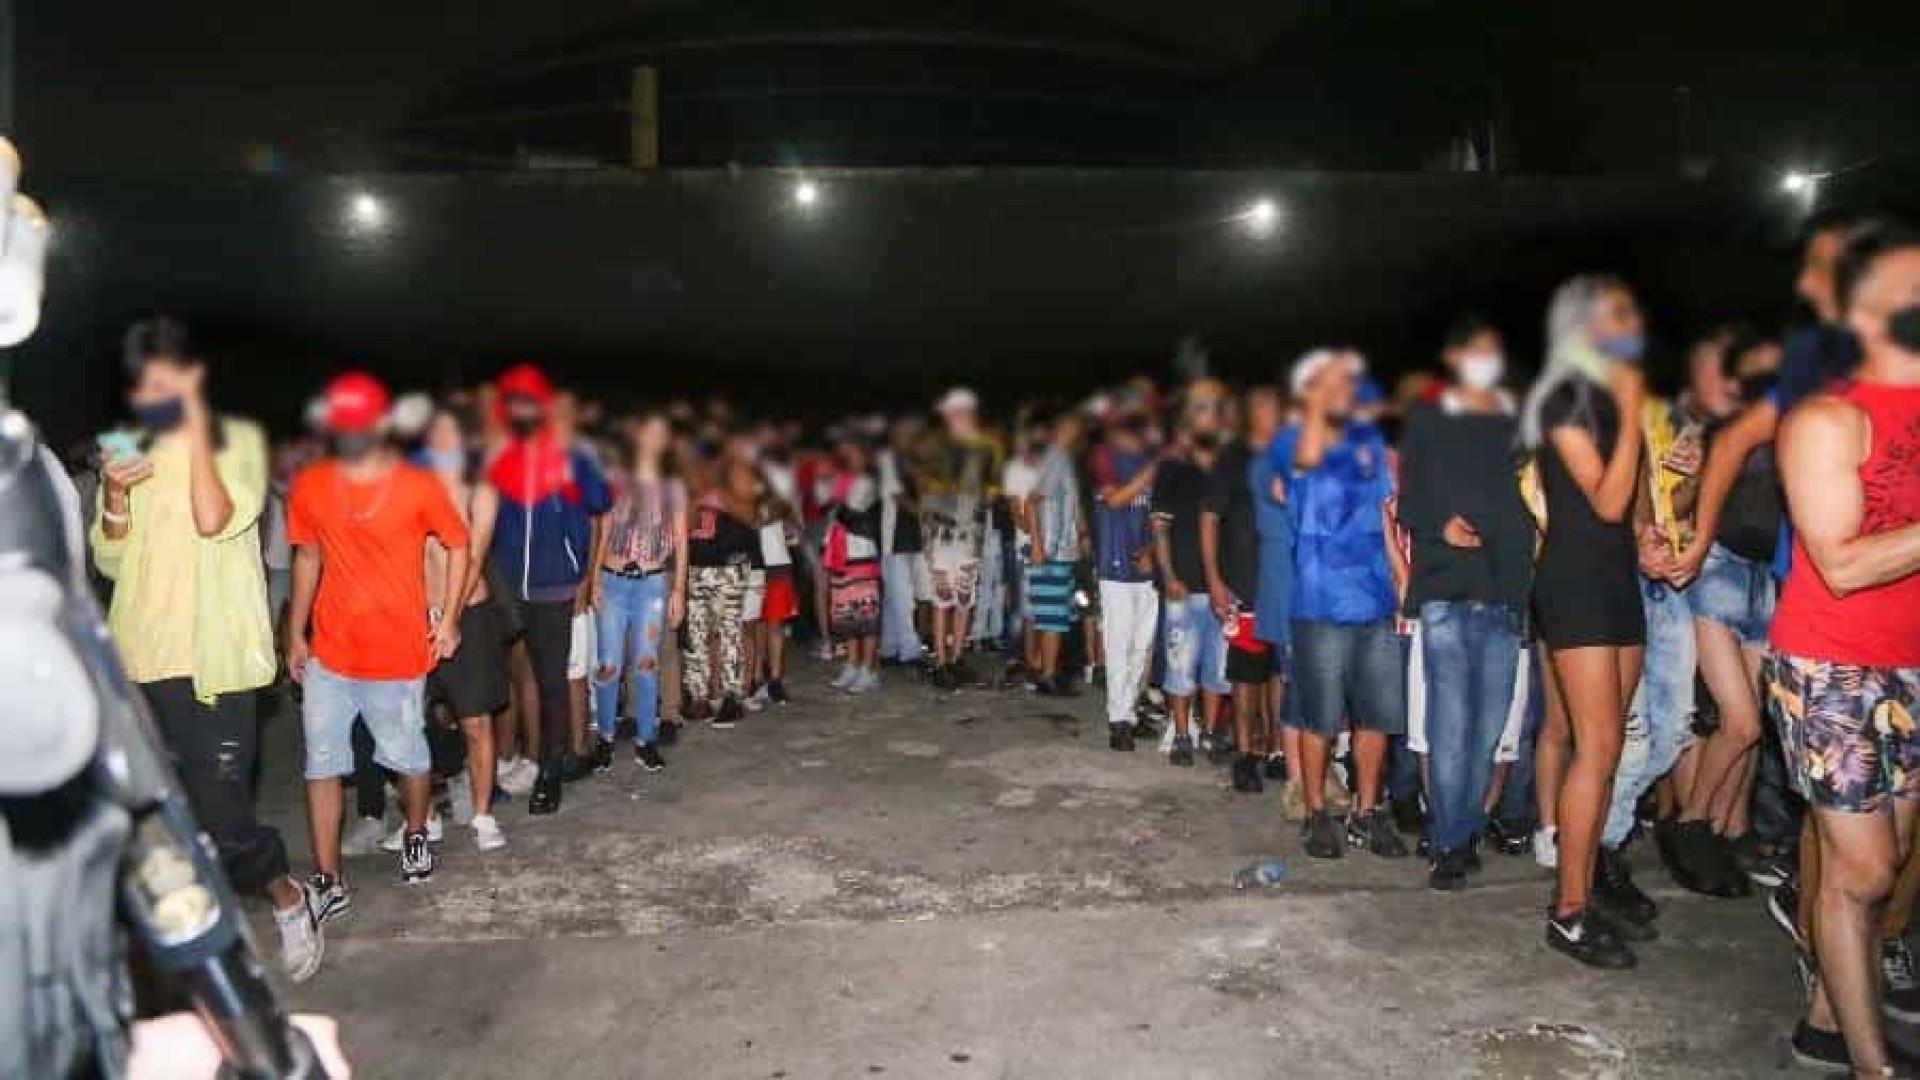 Polícia interrompe festa com 130 pessoas na zona sul de SP